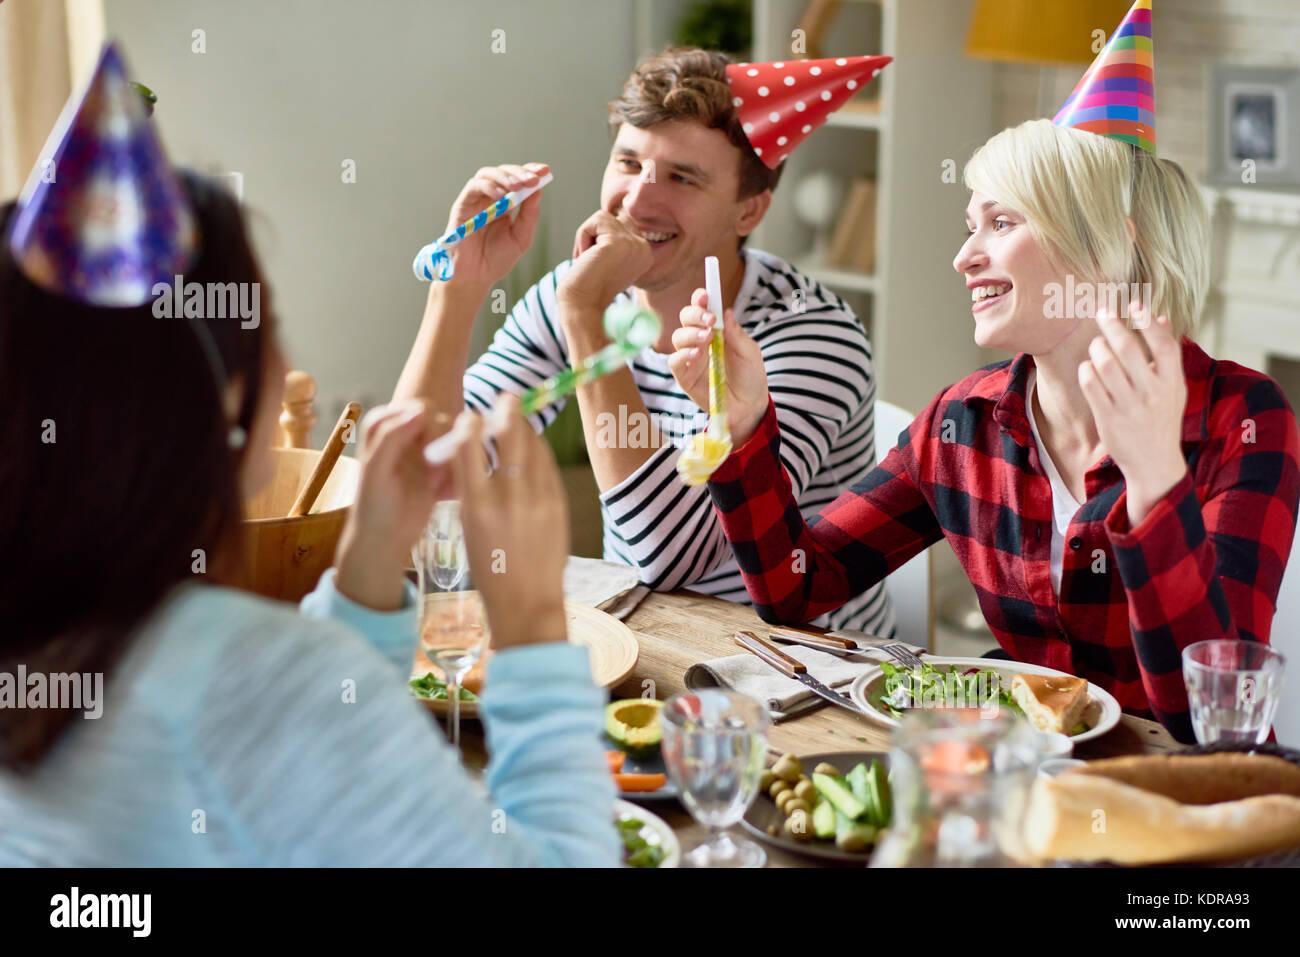 Las parejas felices celebrando el cumpleaños de mesa durante la cena. Imagen De Stock